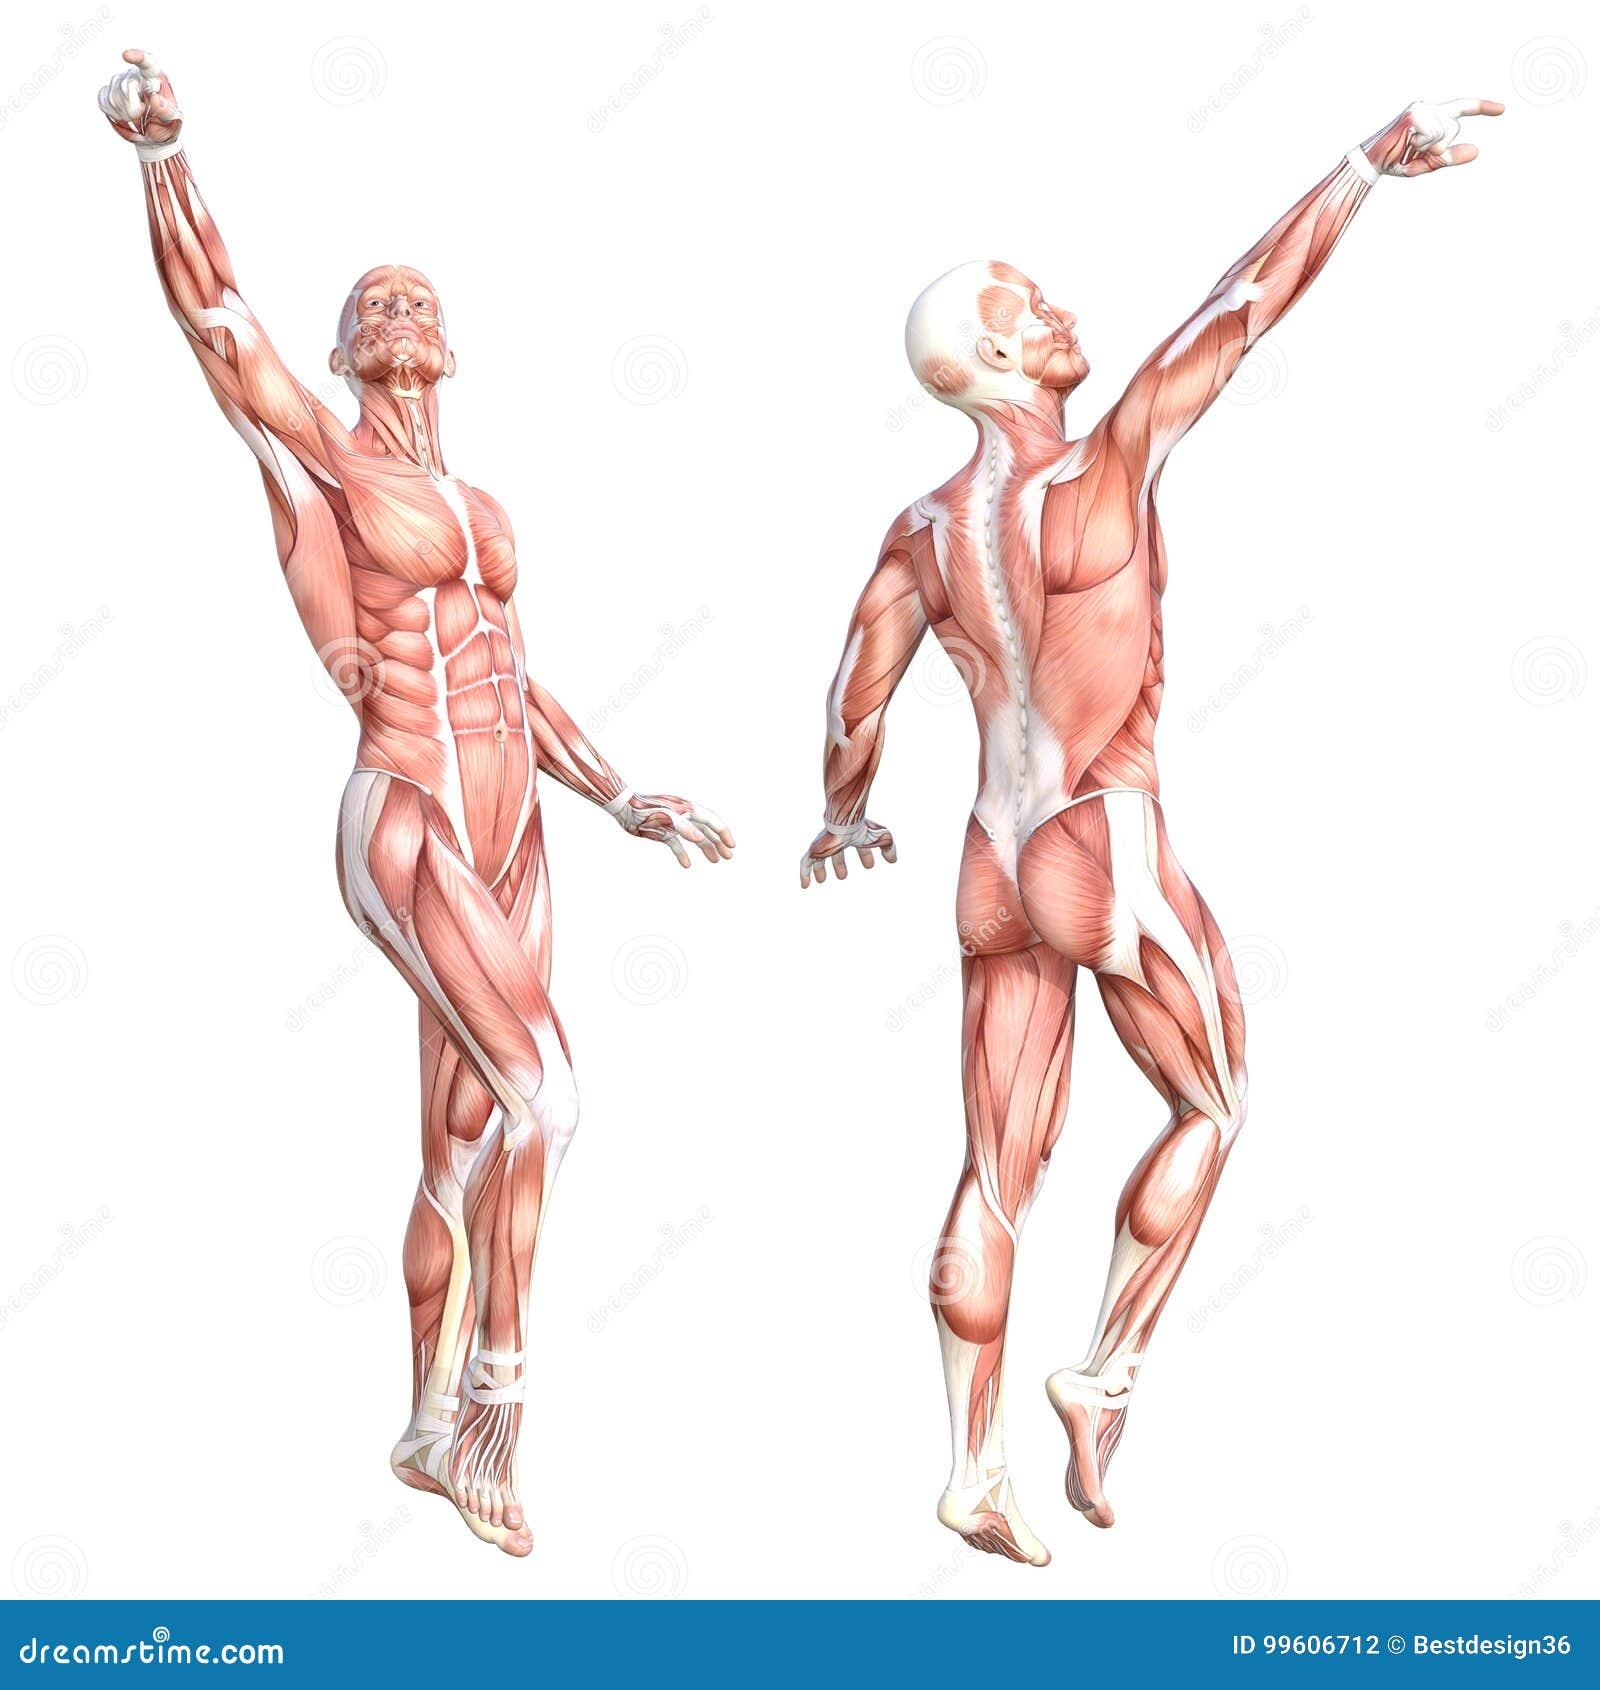 Muskelsystemsatz Des Menschlichen Körpers Der Anatomie Gesunder ...